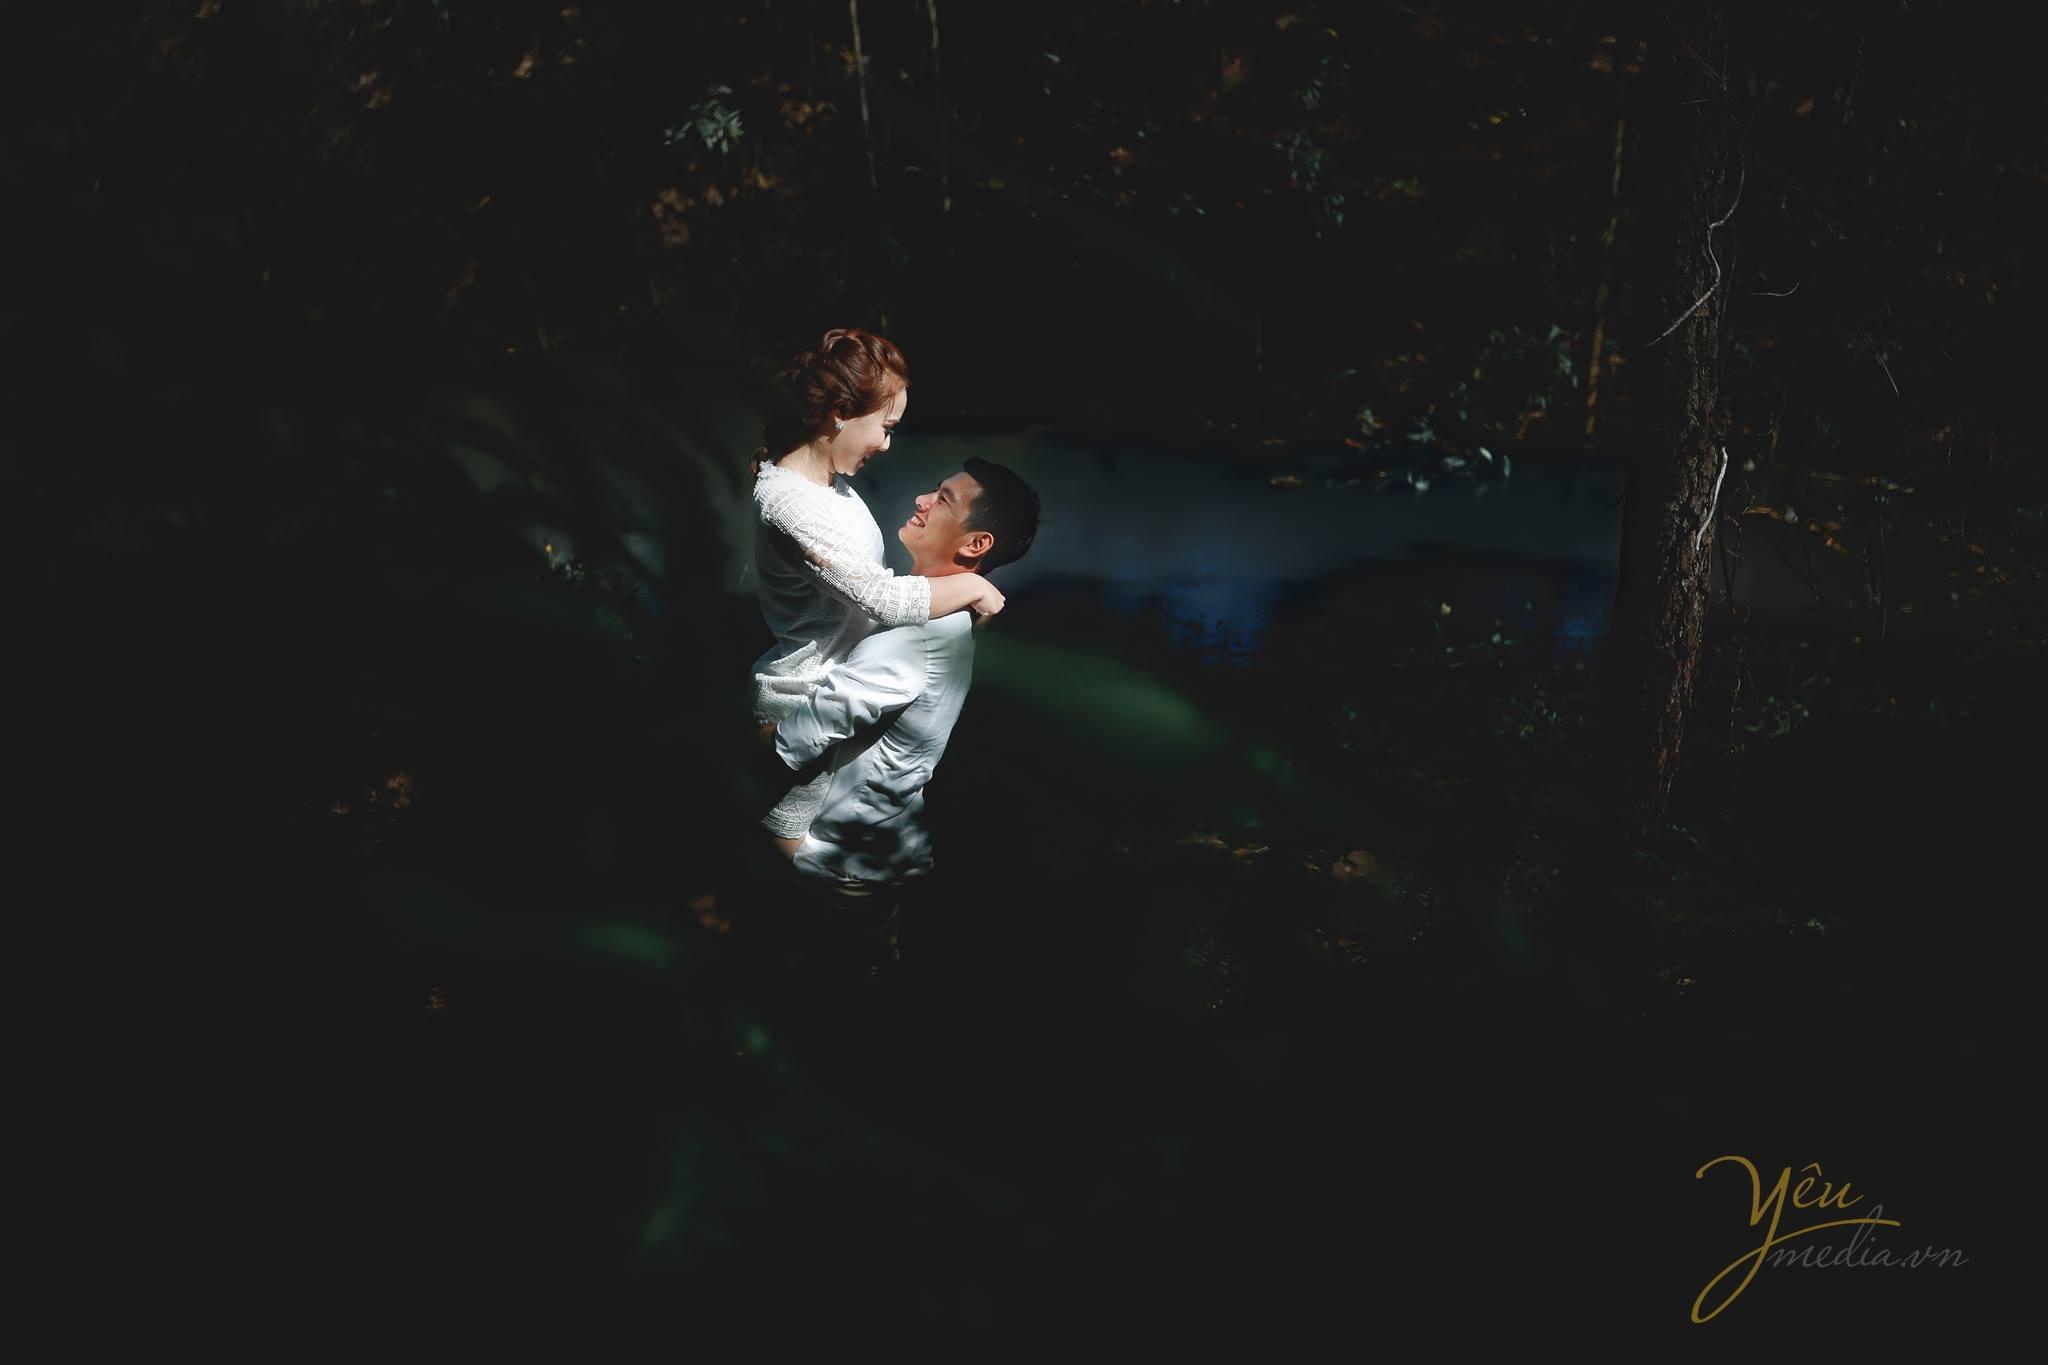 ảnh cưới chụp tại rừng chụp cô dâu chú rể qua tán lá